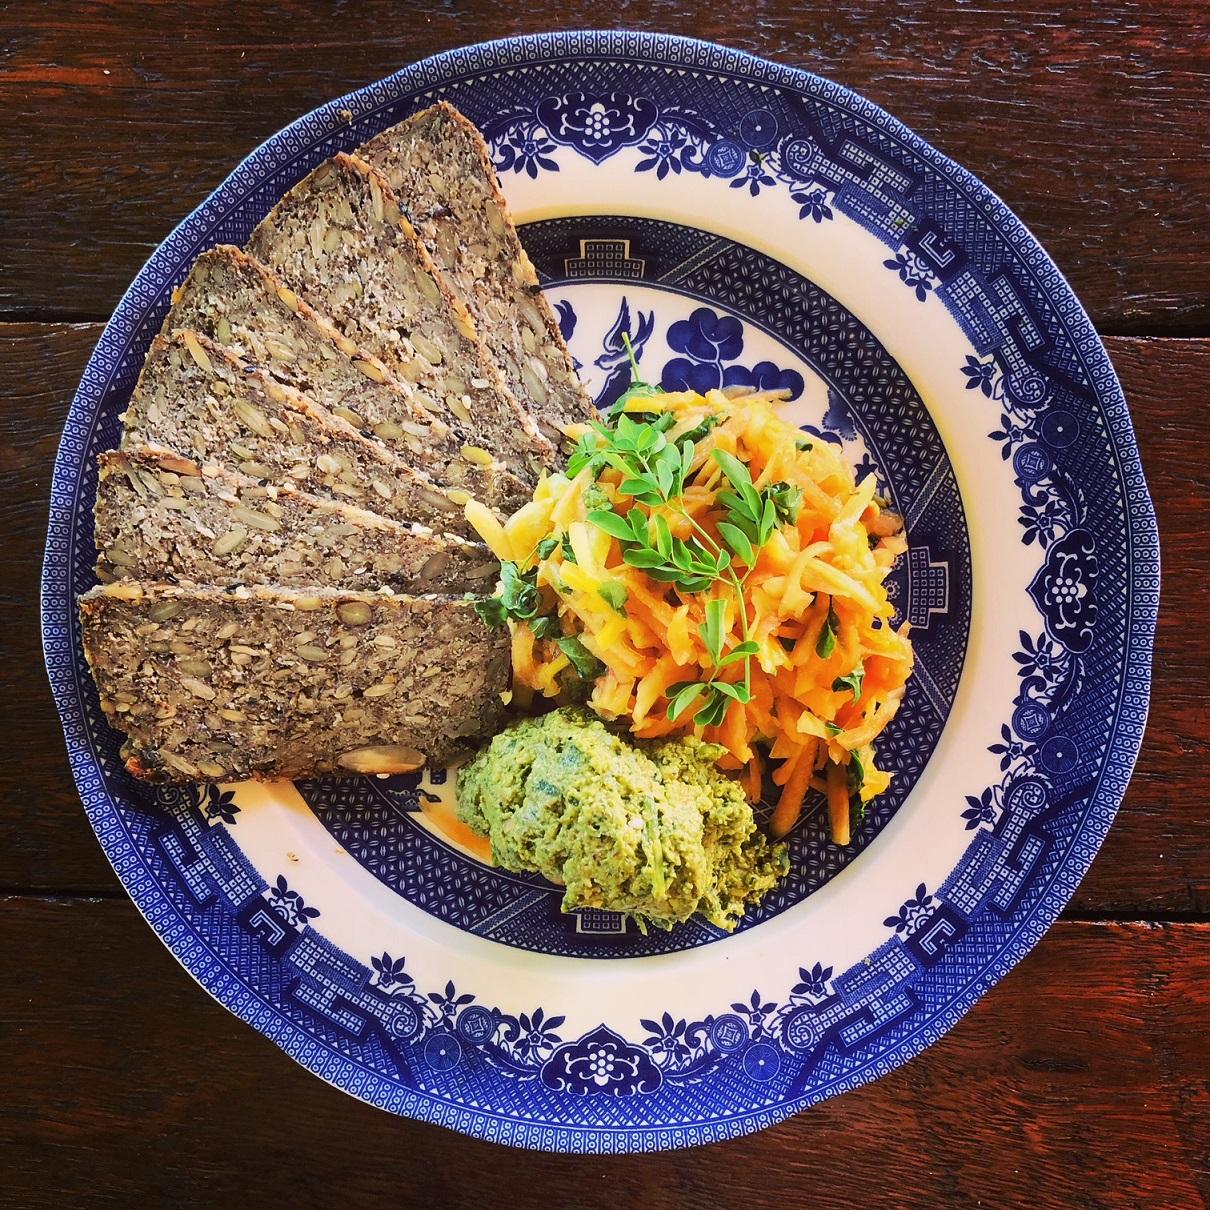 Thinly sliced Seed Loaf with Papaya Salad and Sambung Pesto